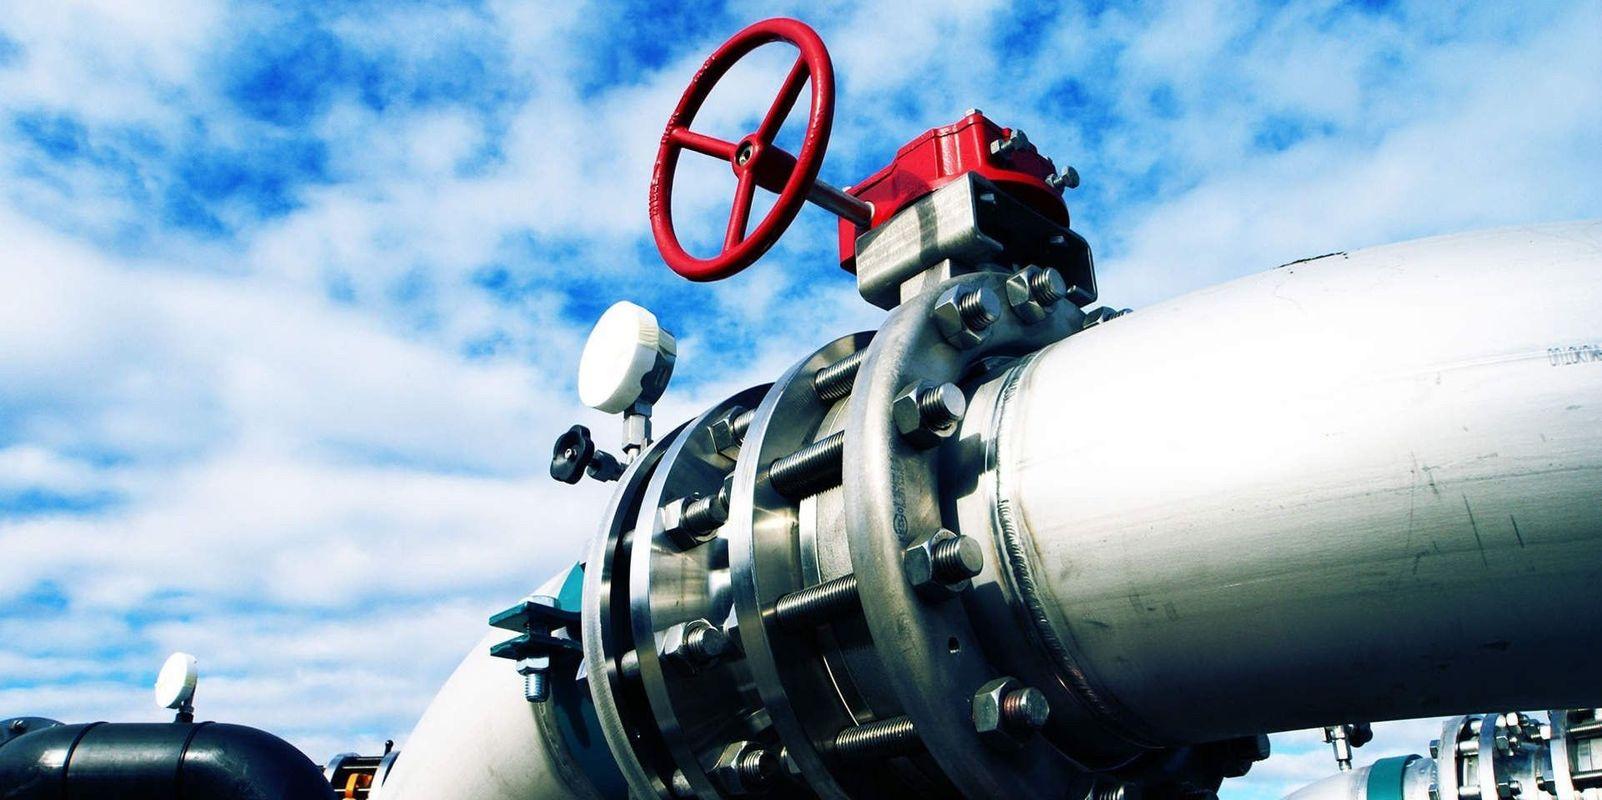 """Строительство газопровода """"Сарыарка"""" может начаться в декабре, объявлен тендер по определению подрядчика"""